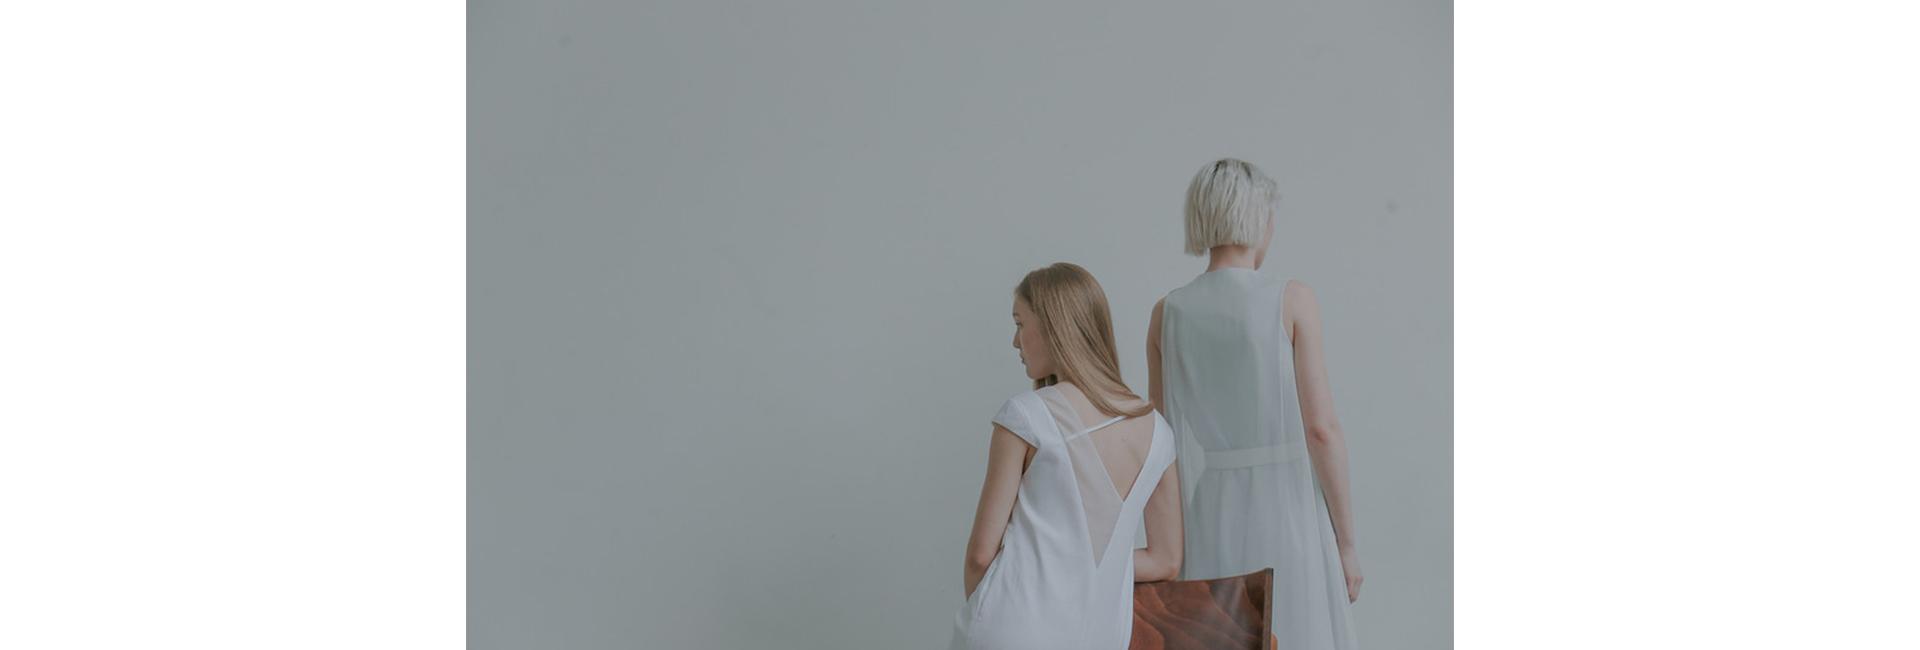 Новое имя: альтернативный свадебный бренд Antrerobe (фото 2)